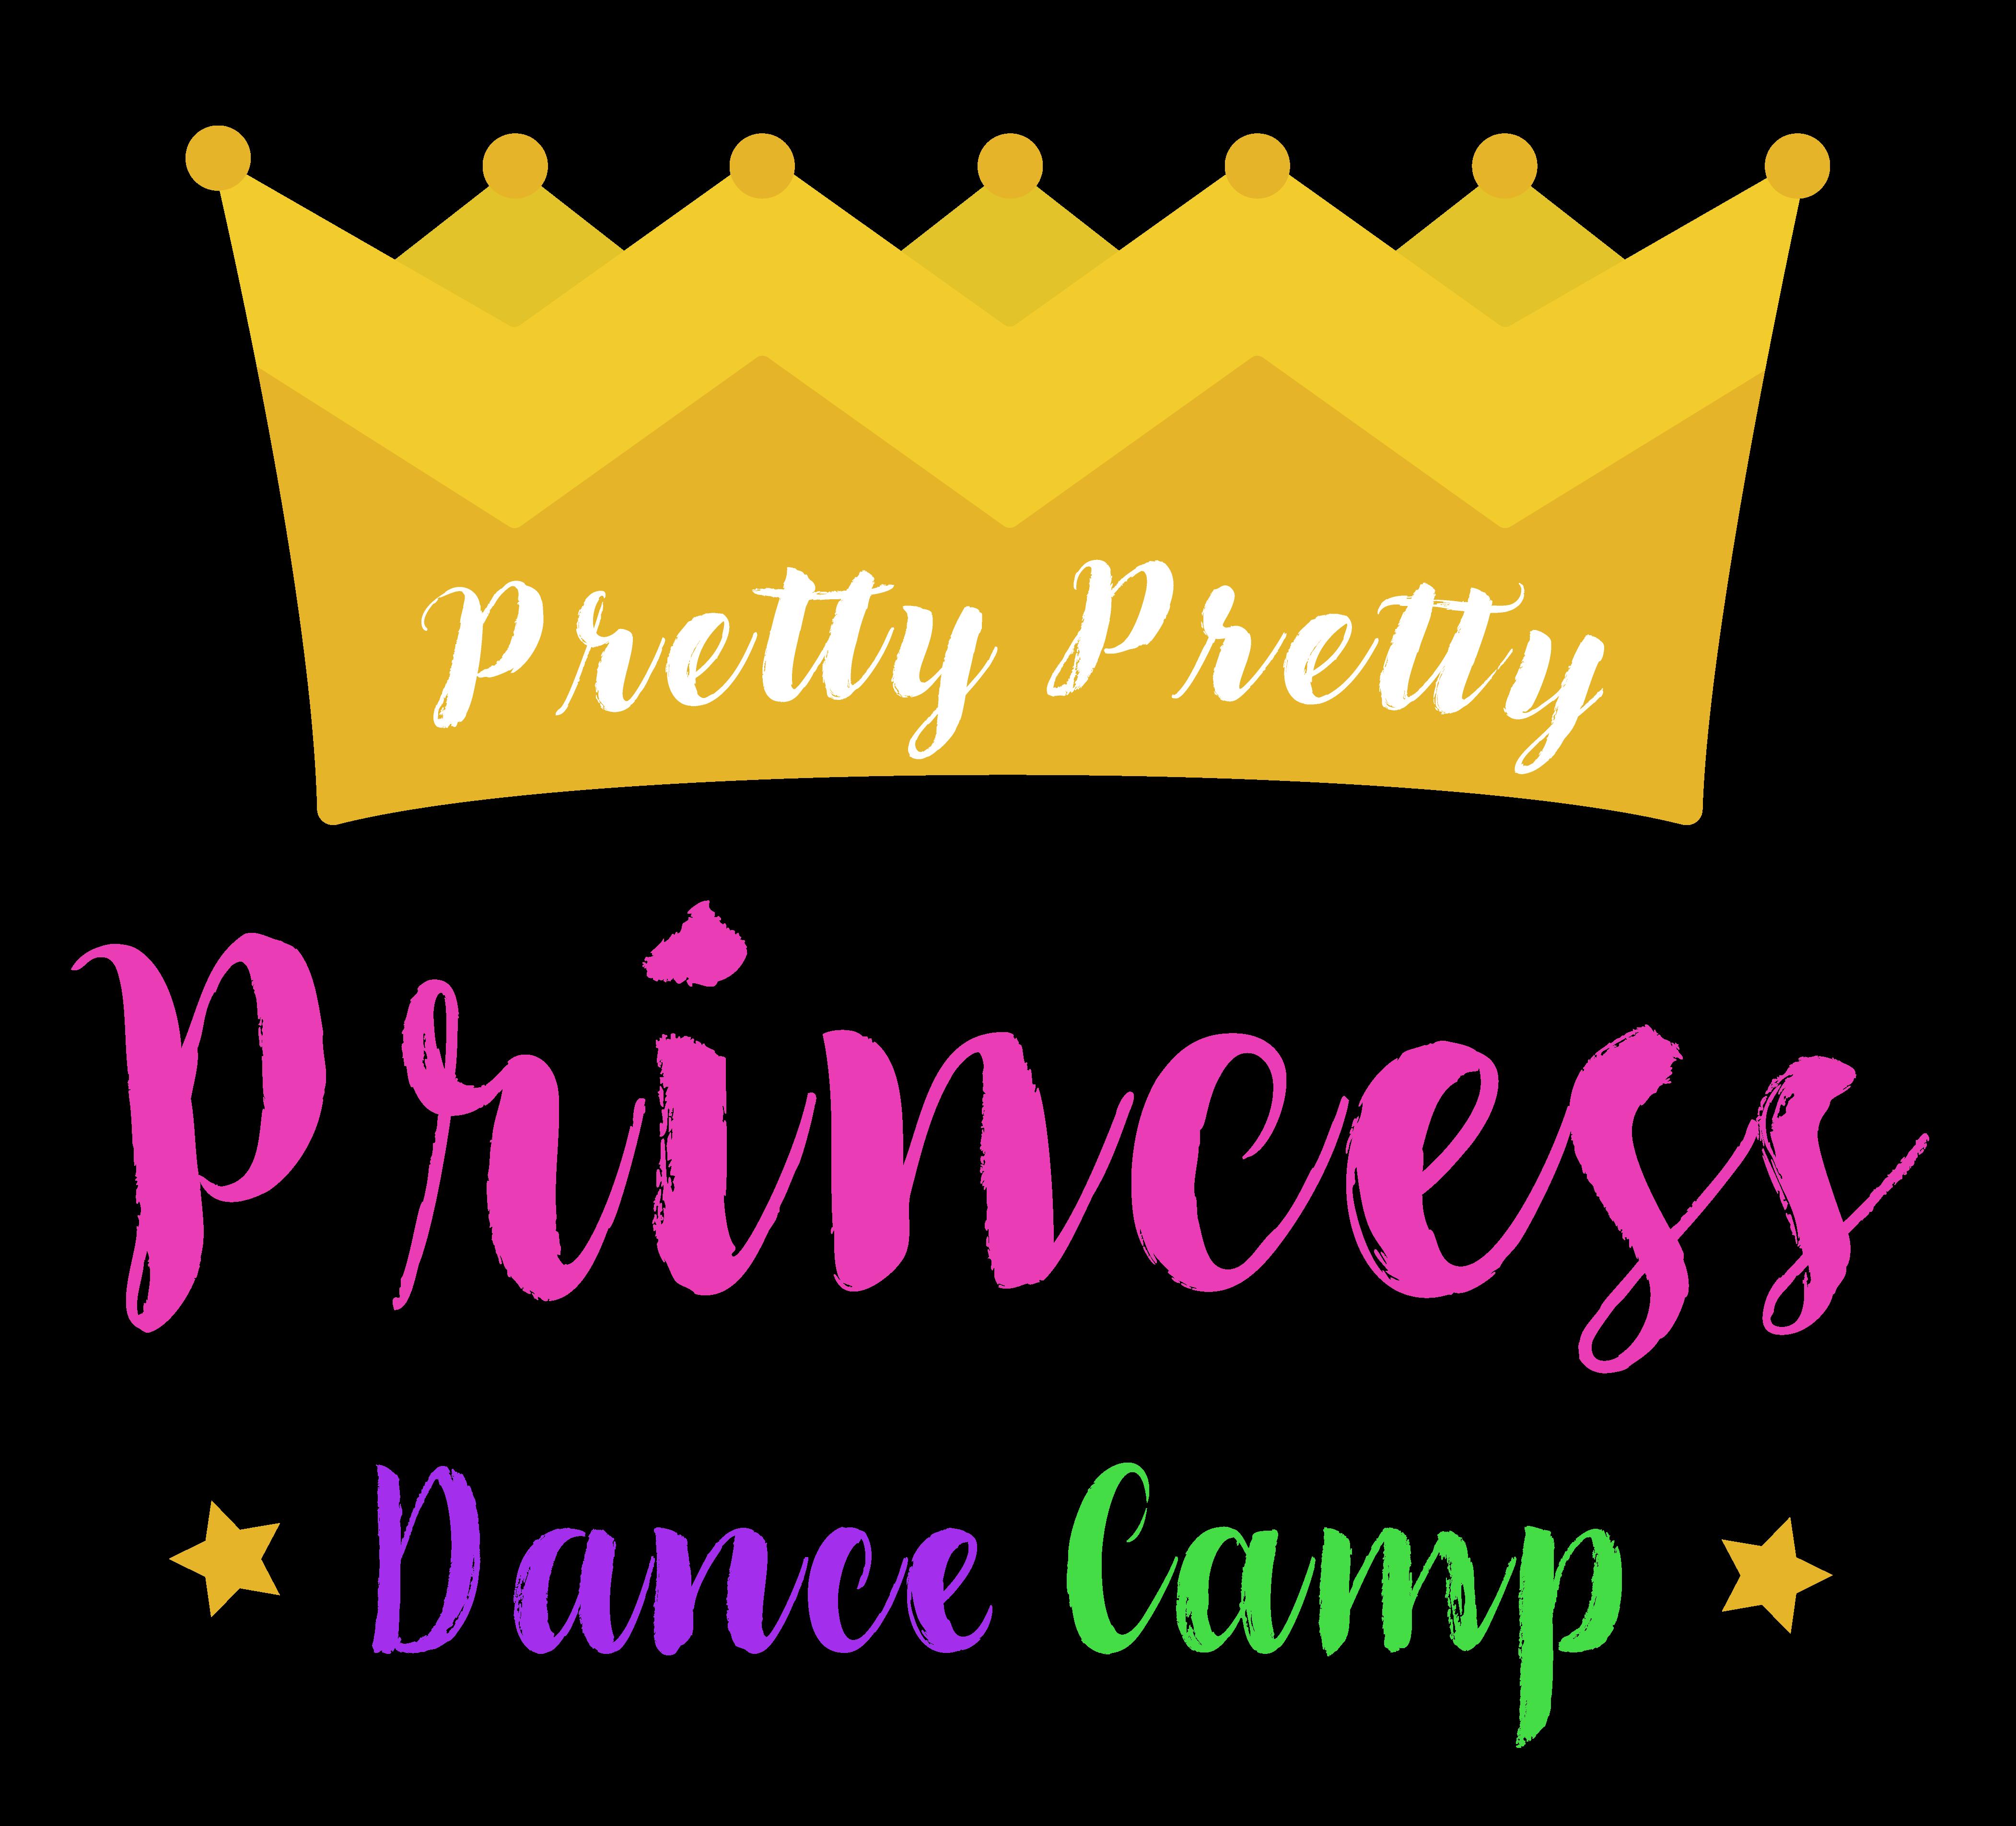 Pretty Pretty Princess Dance Camp